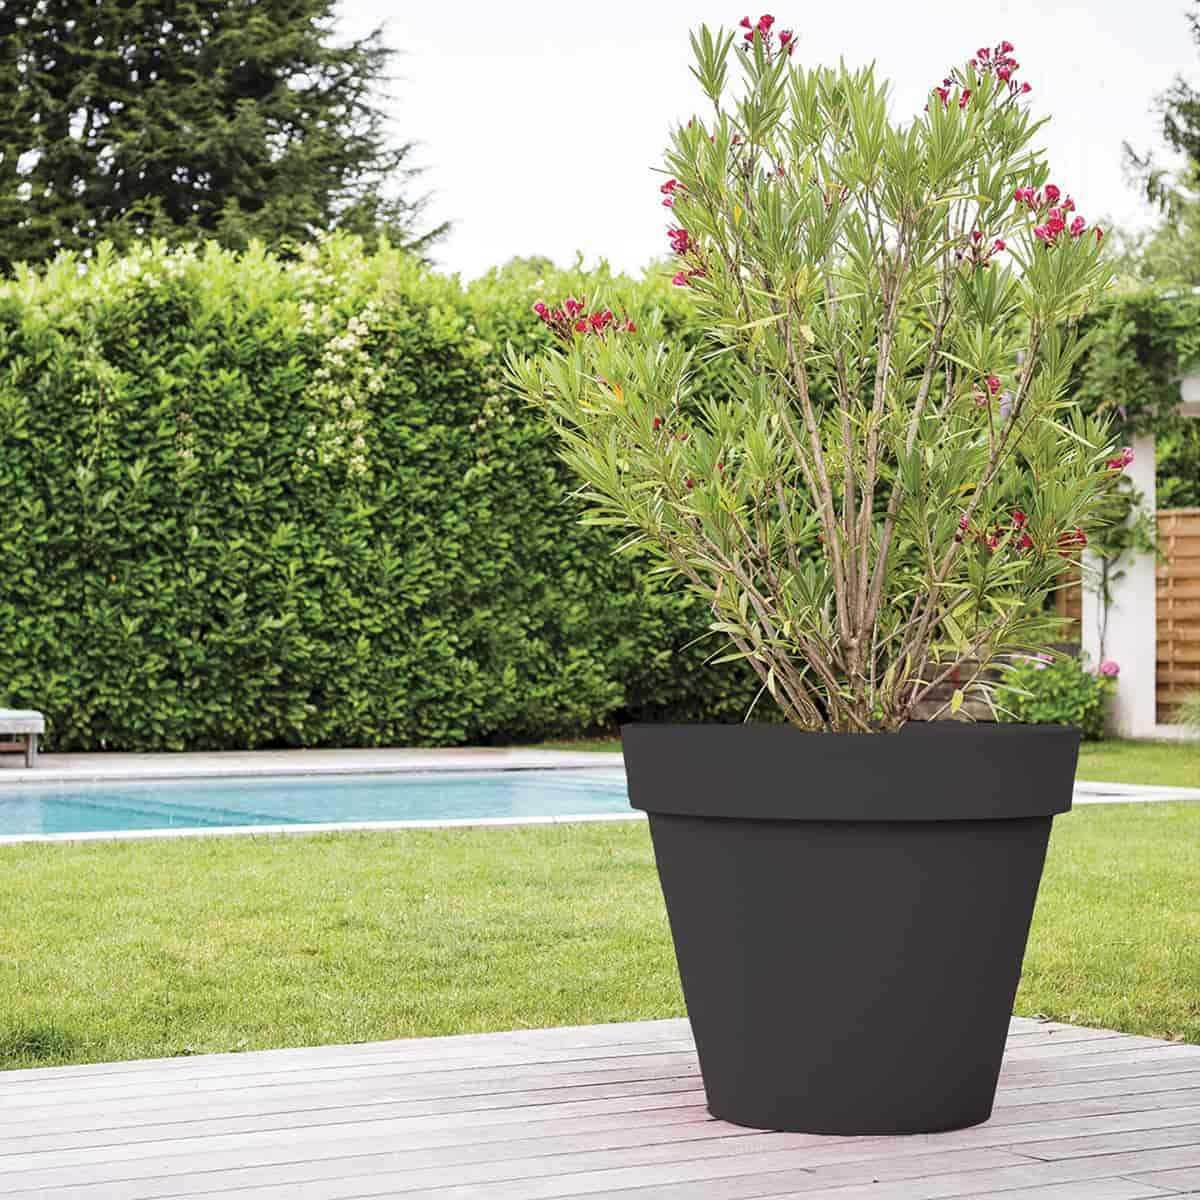 grand pot de fleurs xxl gris diam 100cm x haut 80cm 365l vente au meilleur prix jardins